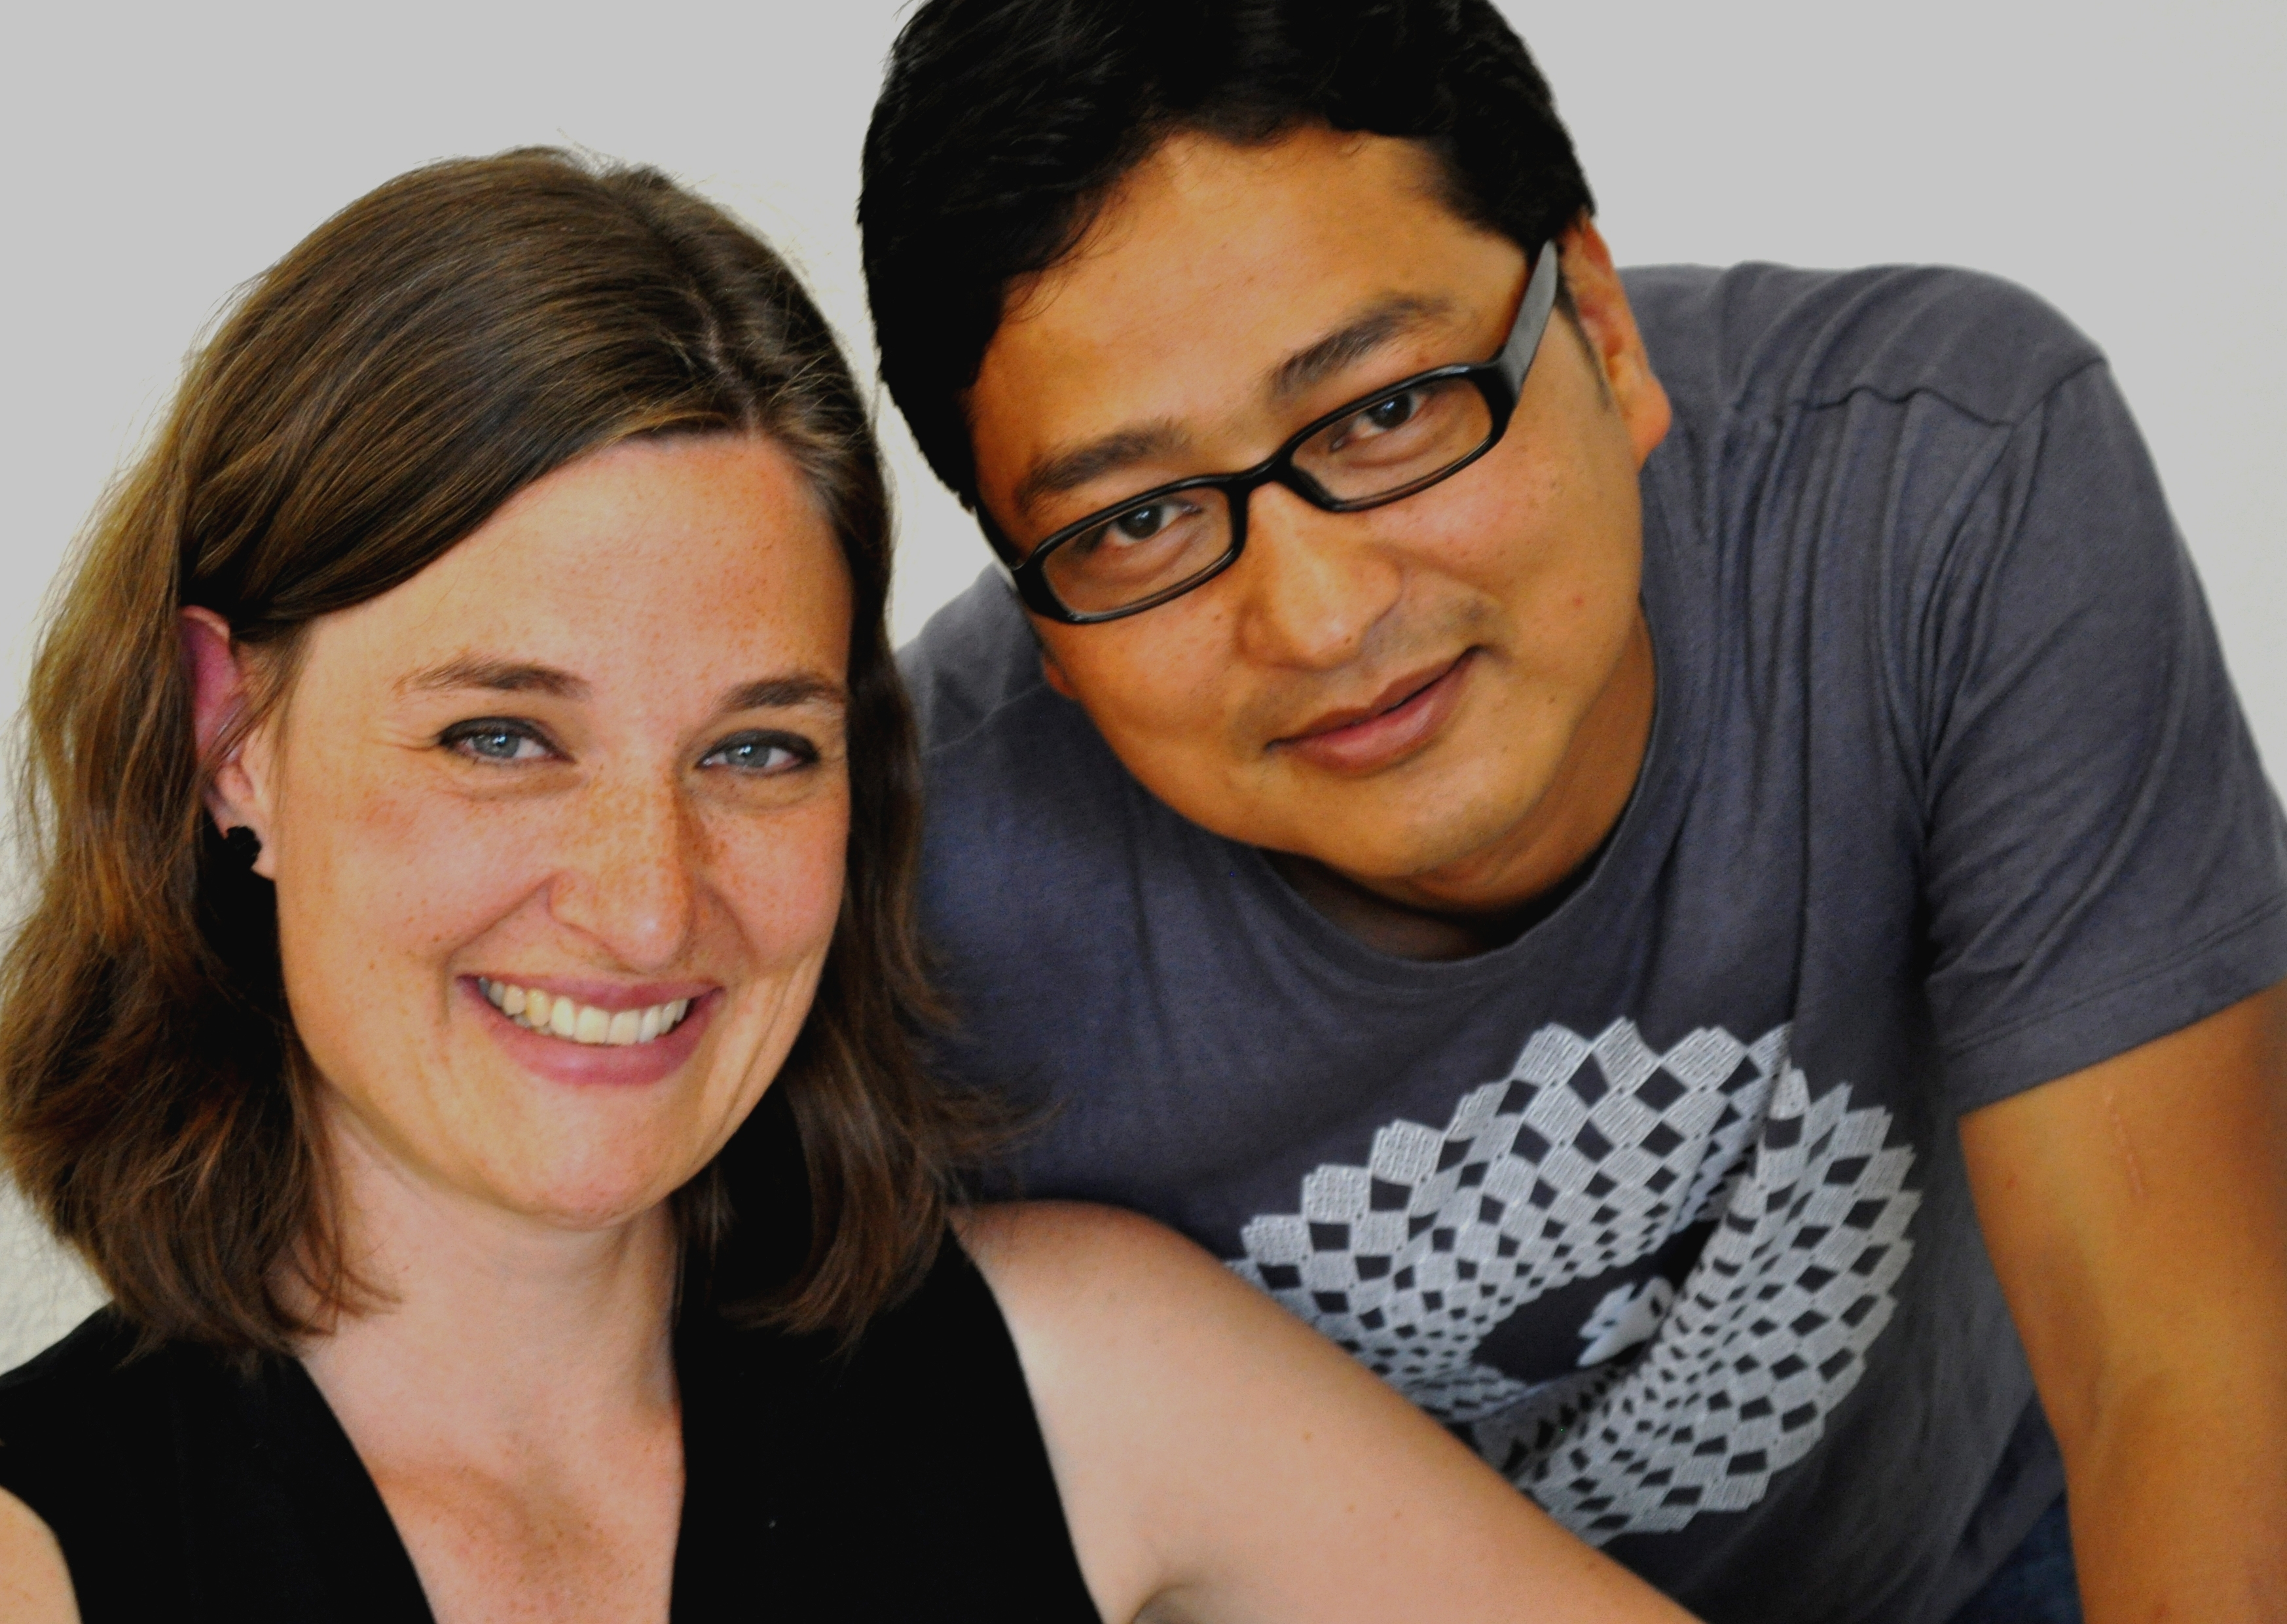 100 Dating-Standort in Südafrika Jüdisch Singles datieren Websites